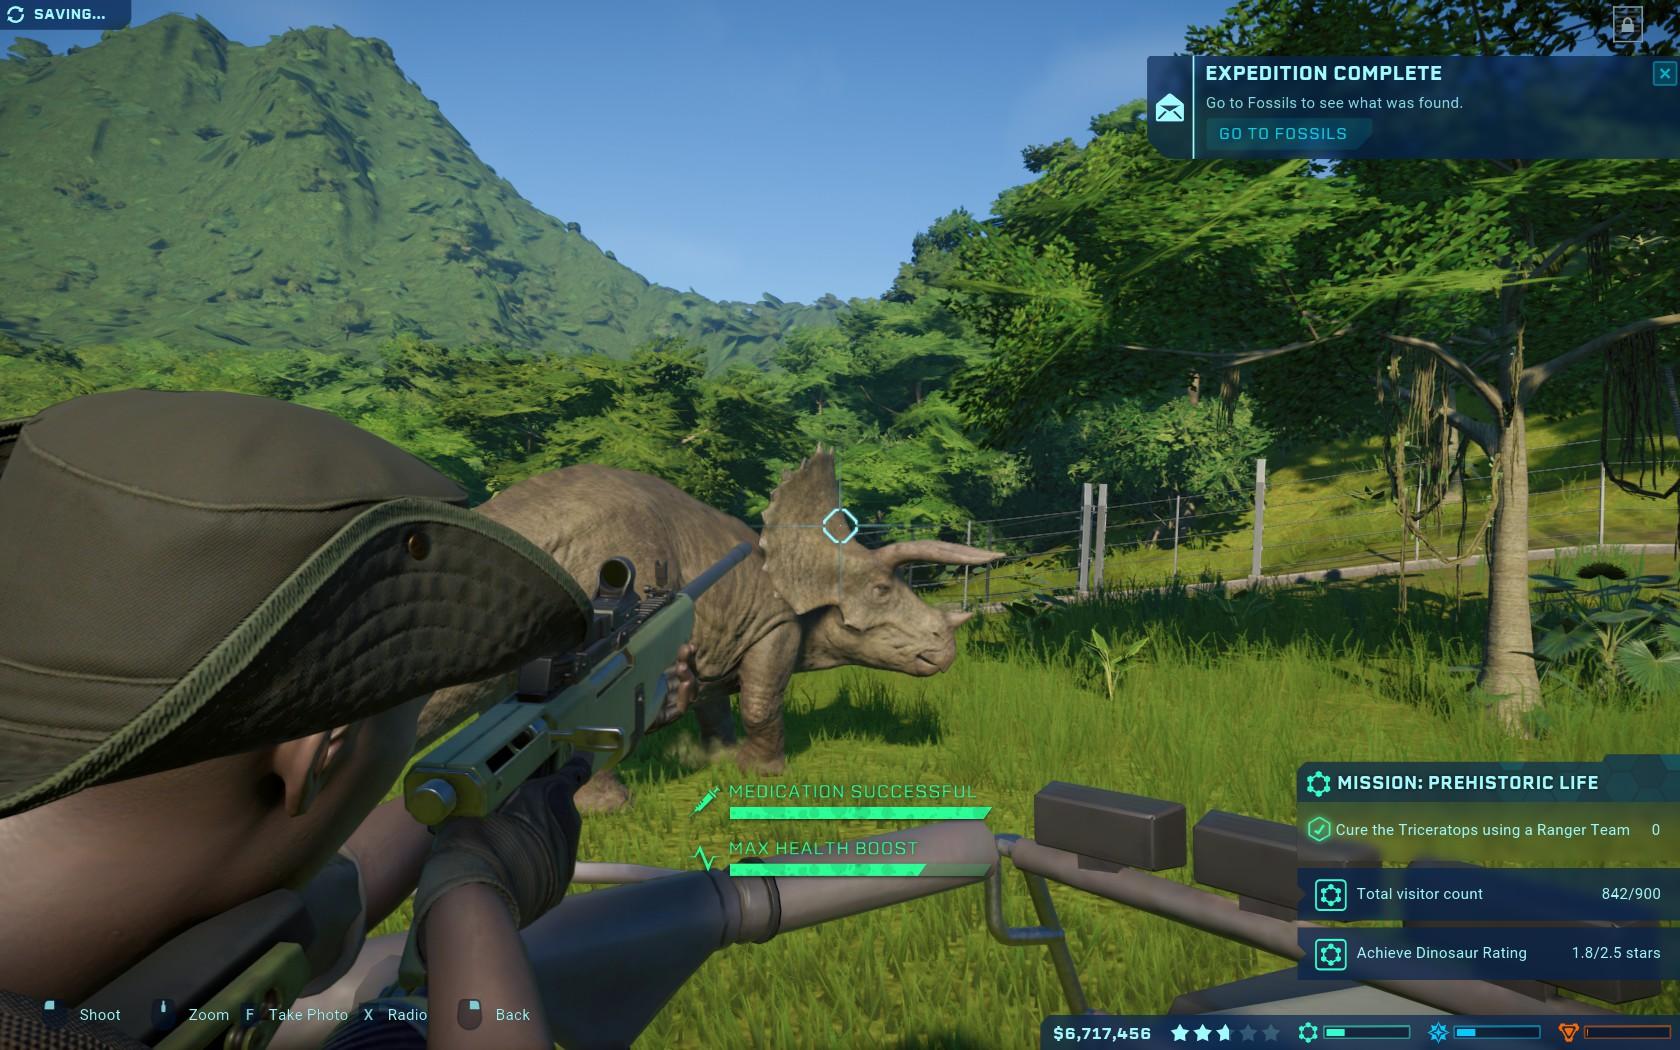 Le missioni presenti nel gioco toccano più o meno tutte le attività che è possibile svolgere. In questo caso dovevamo occuparci di curare un Triceratopo.